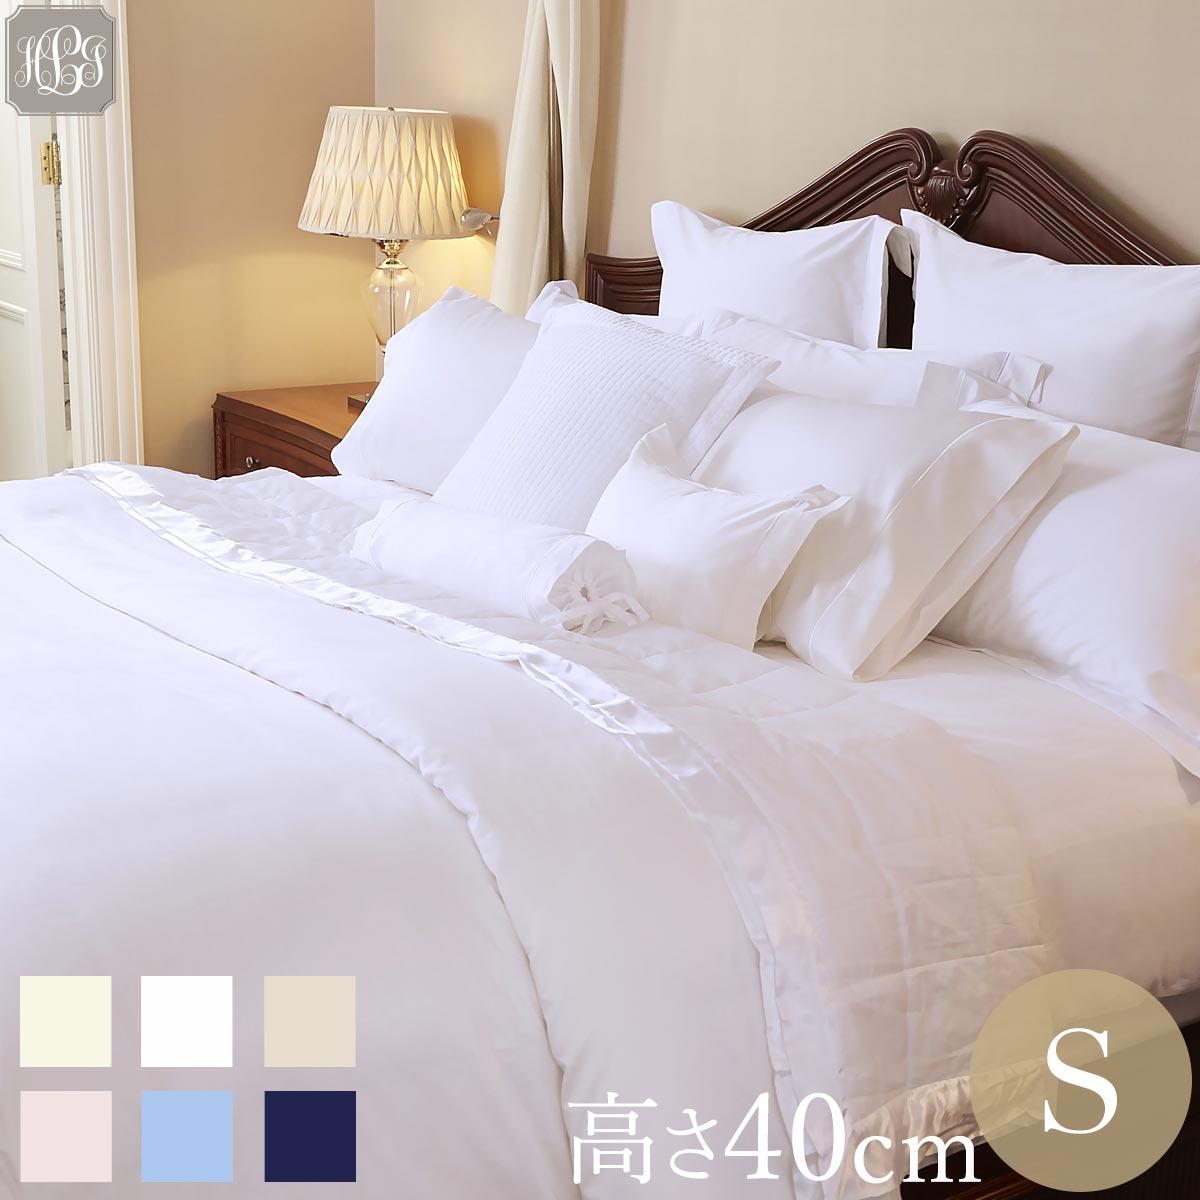 ボックスシーツ シングル 100×200cm 高さ40cm 400TCコットンサテン 超長綿100% 80番手 高級ホテル 防シワ加工 ホワイト アイボリー